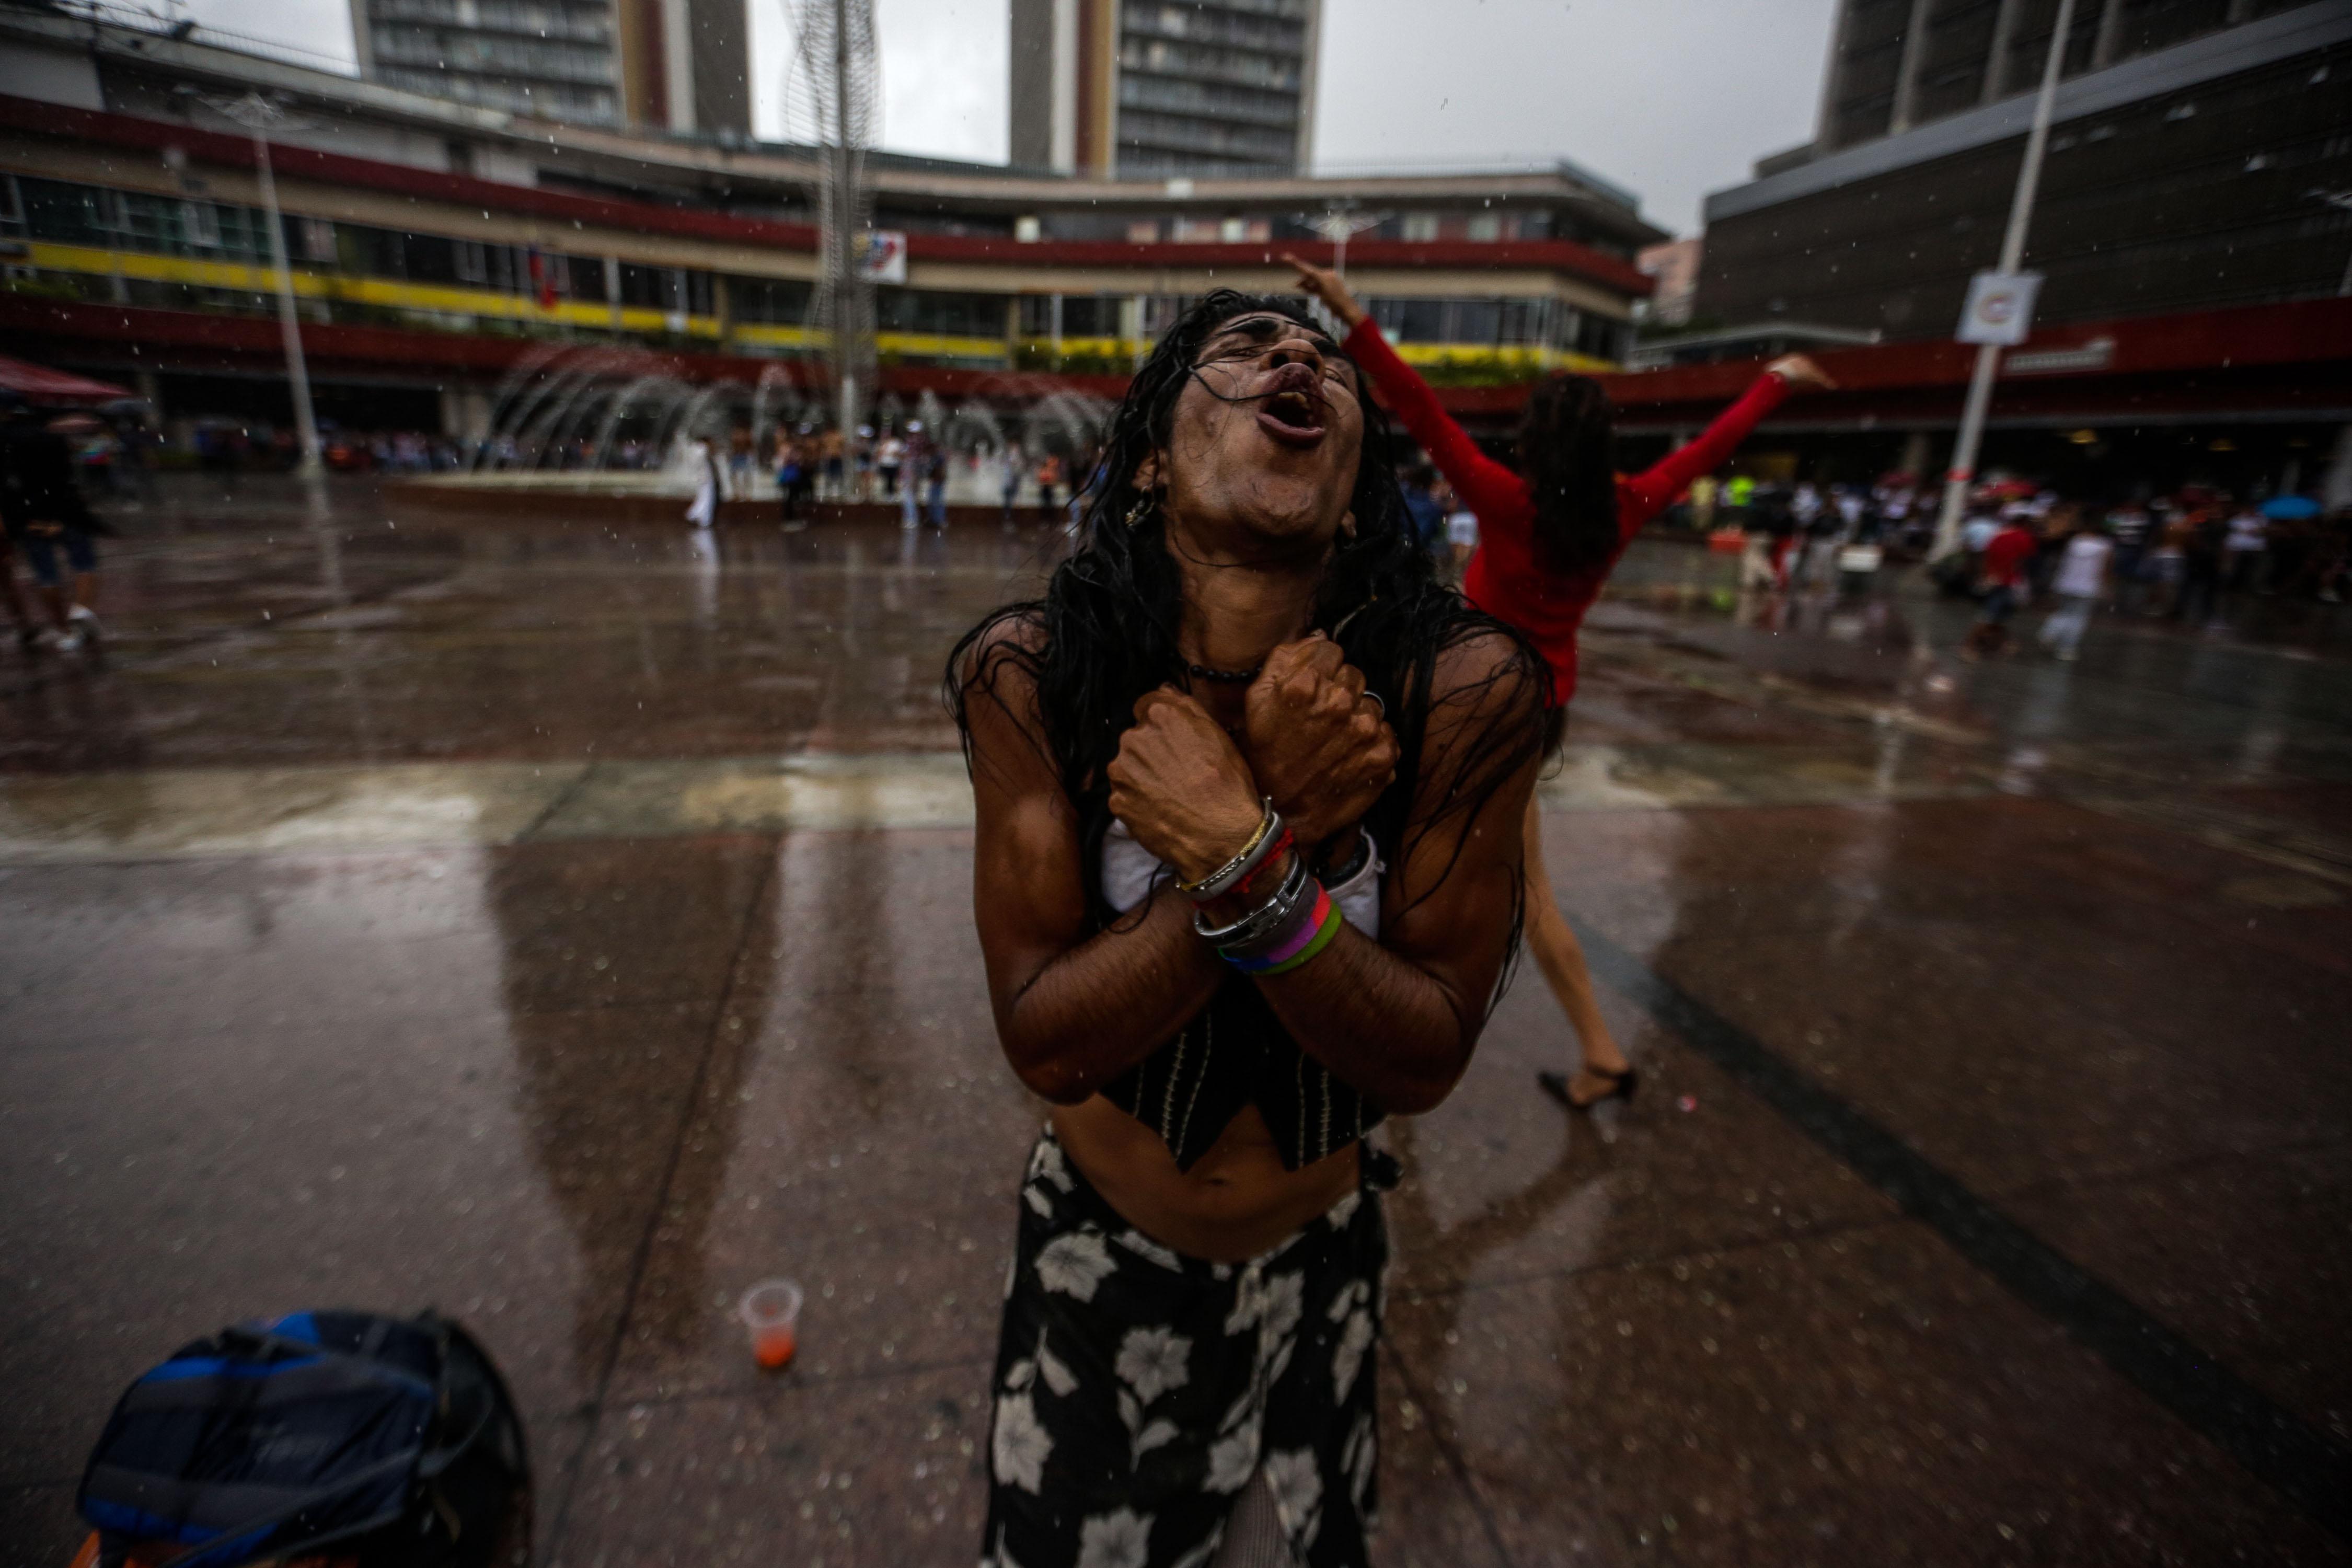 Persones participen en una marxa en celebració del Dia Internacional de l'Orgull LGBTI a Caracas (Veneçuela). /CRÍSTIAN HERNÁNDEZ